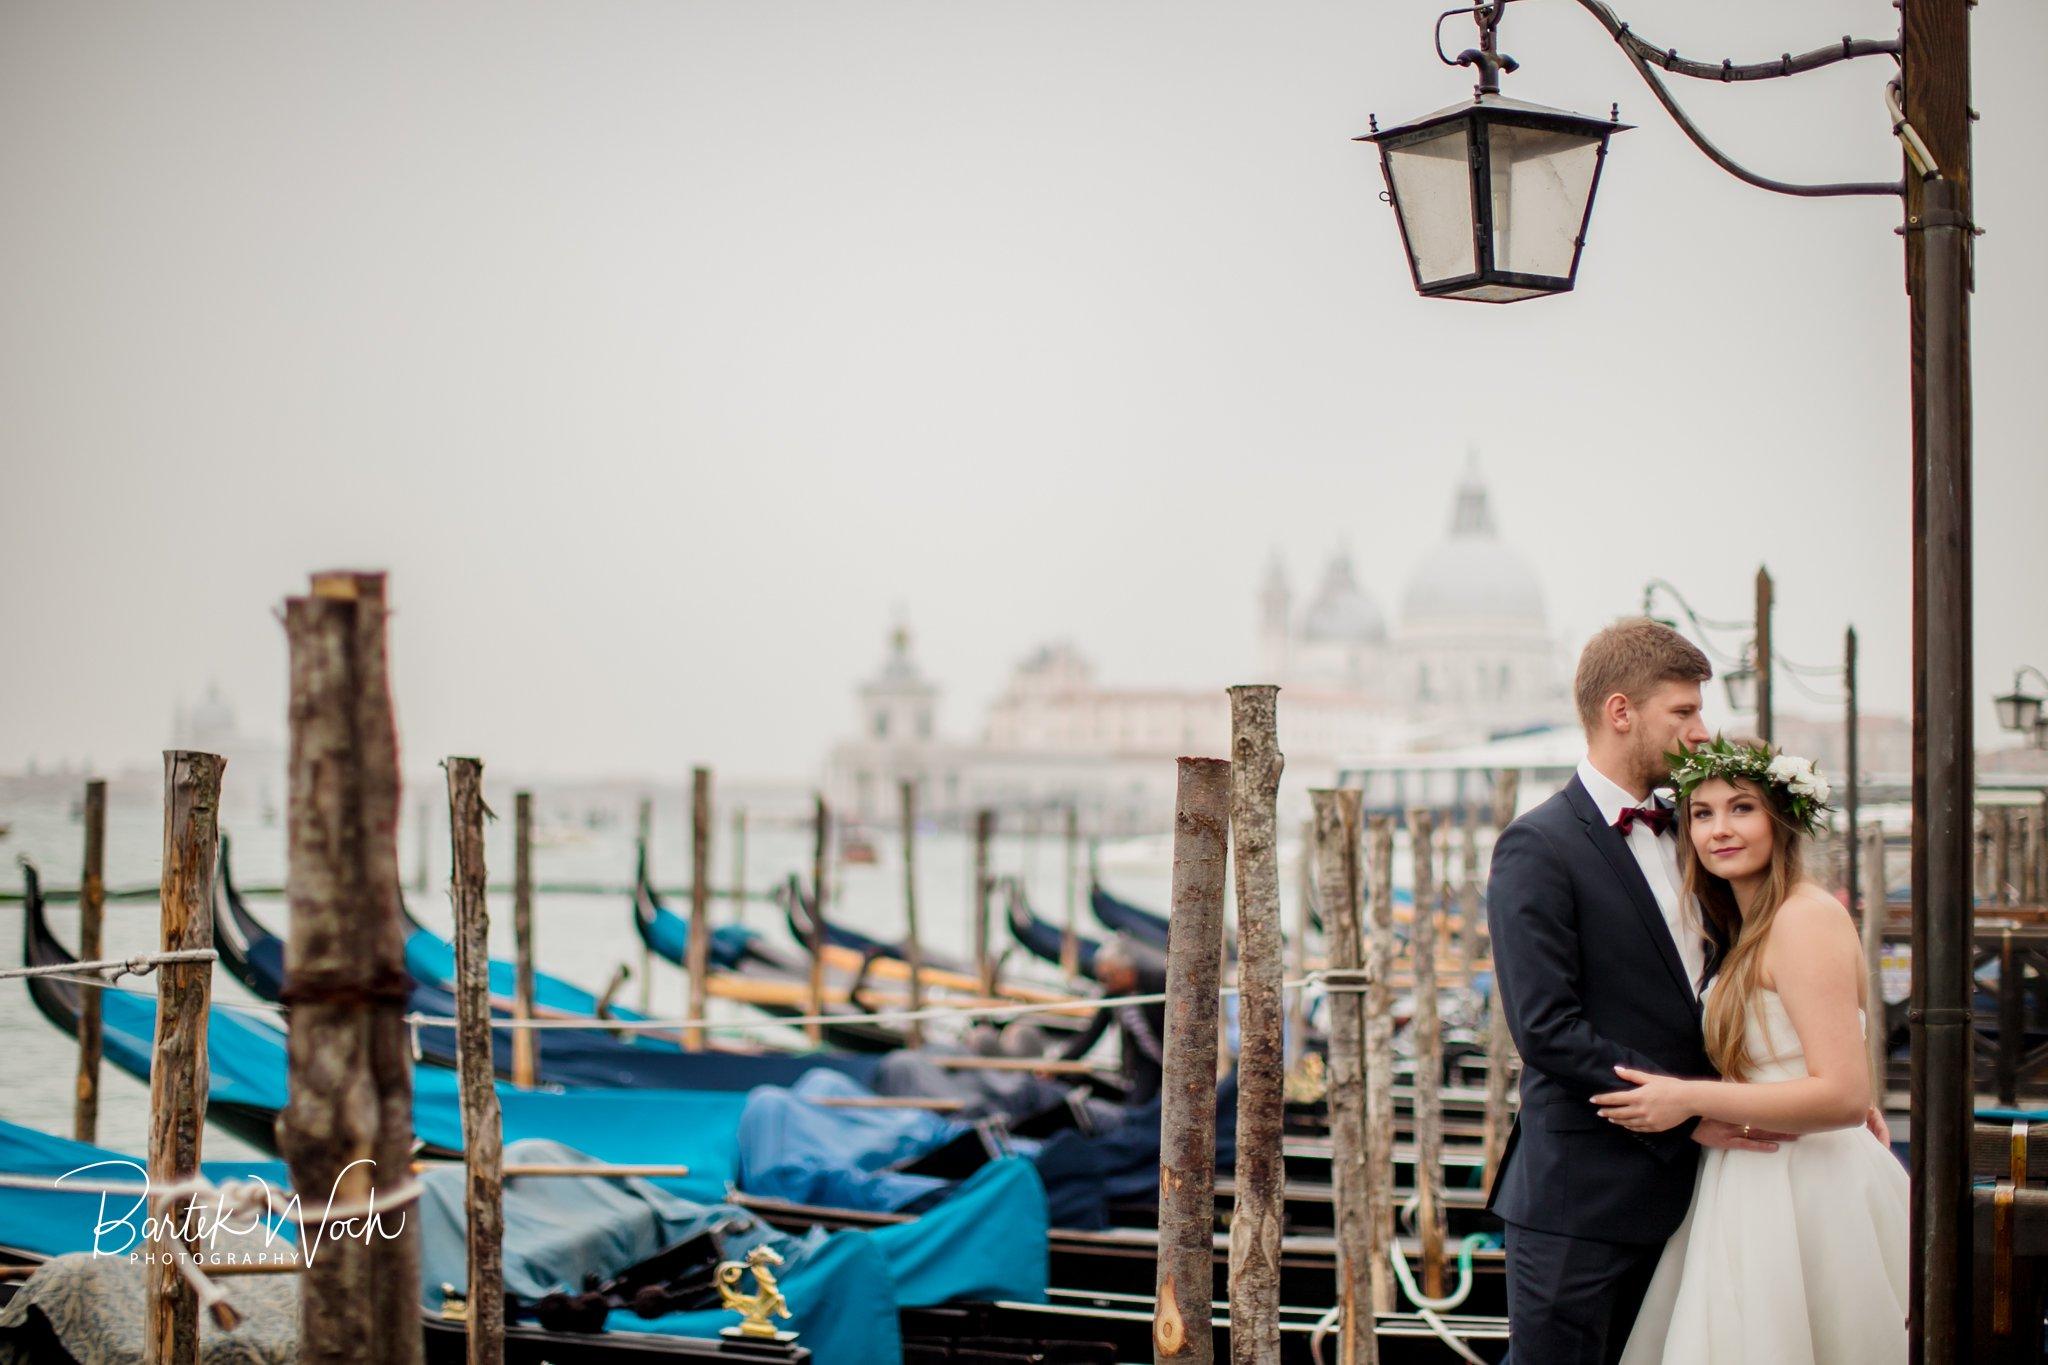 fotografia ślubna, ślub, wesele, slub, zabawa, wedding, party, 0203 Patrycja+Dawid i sesja portretowa w Wenecji